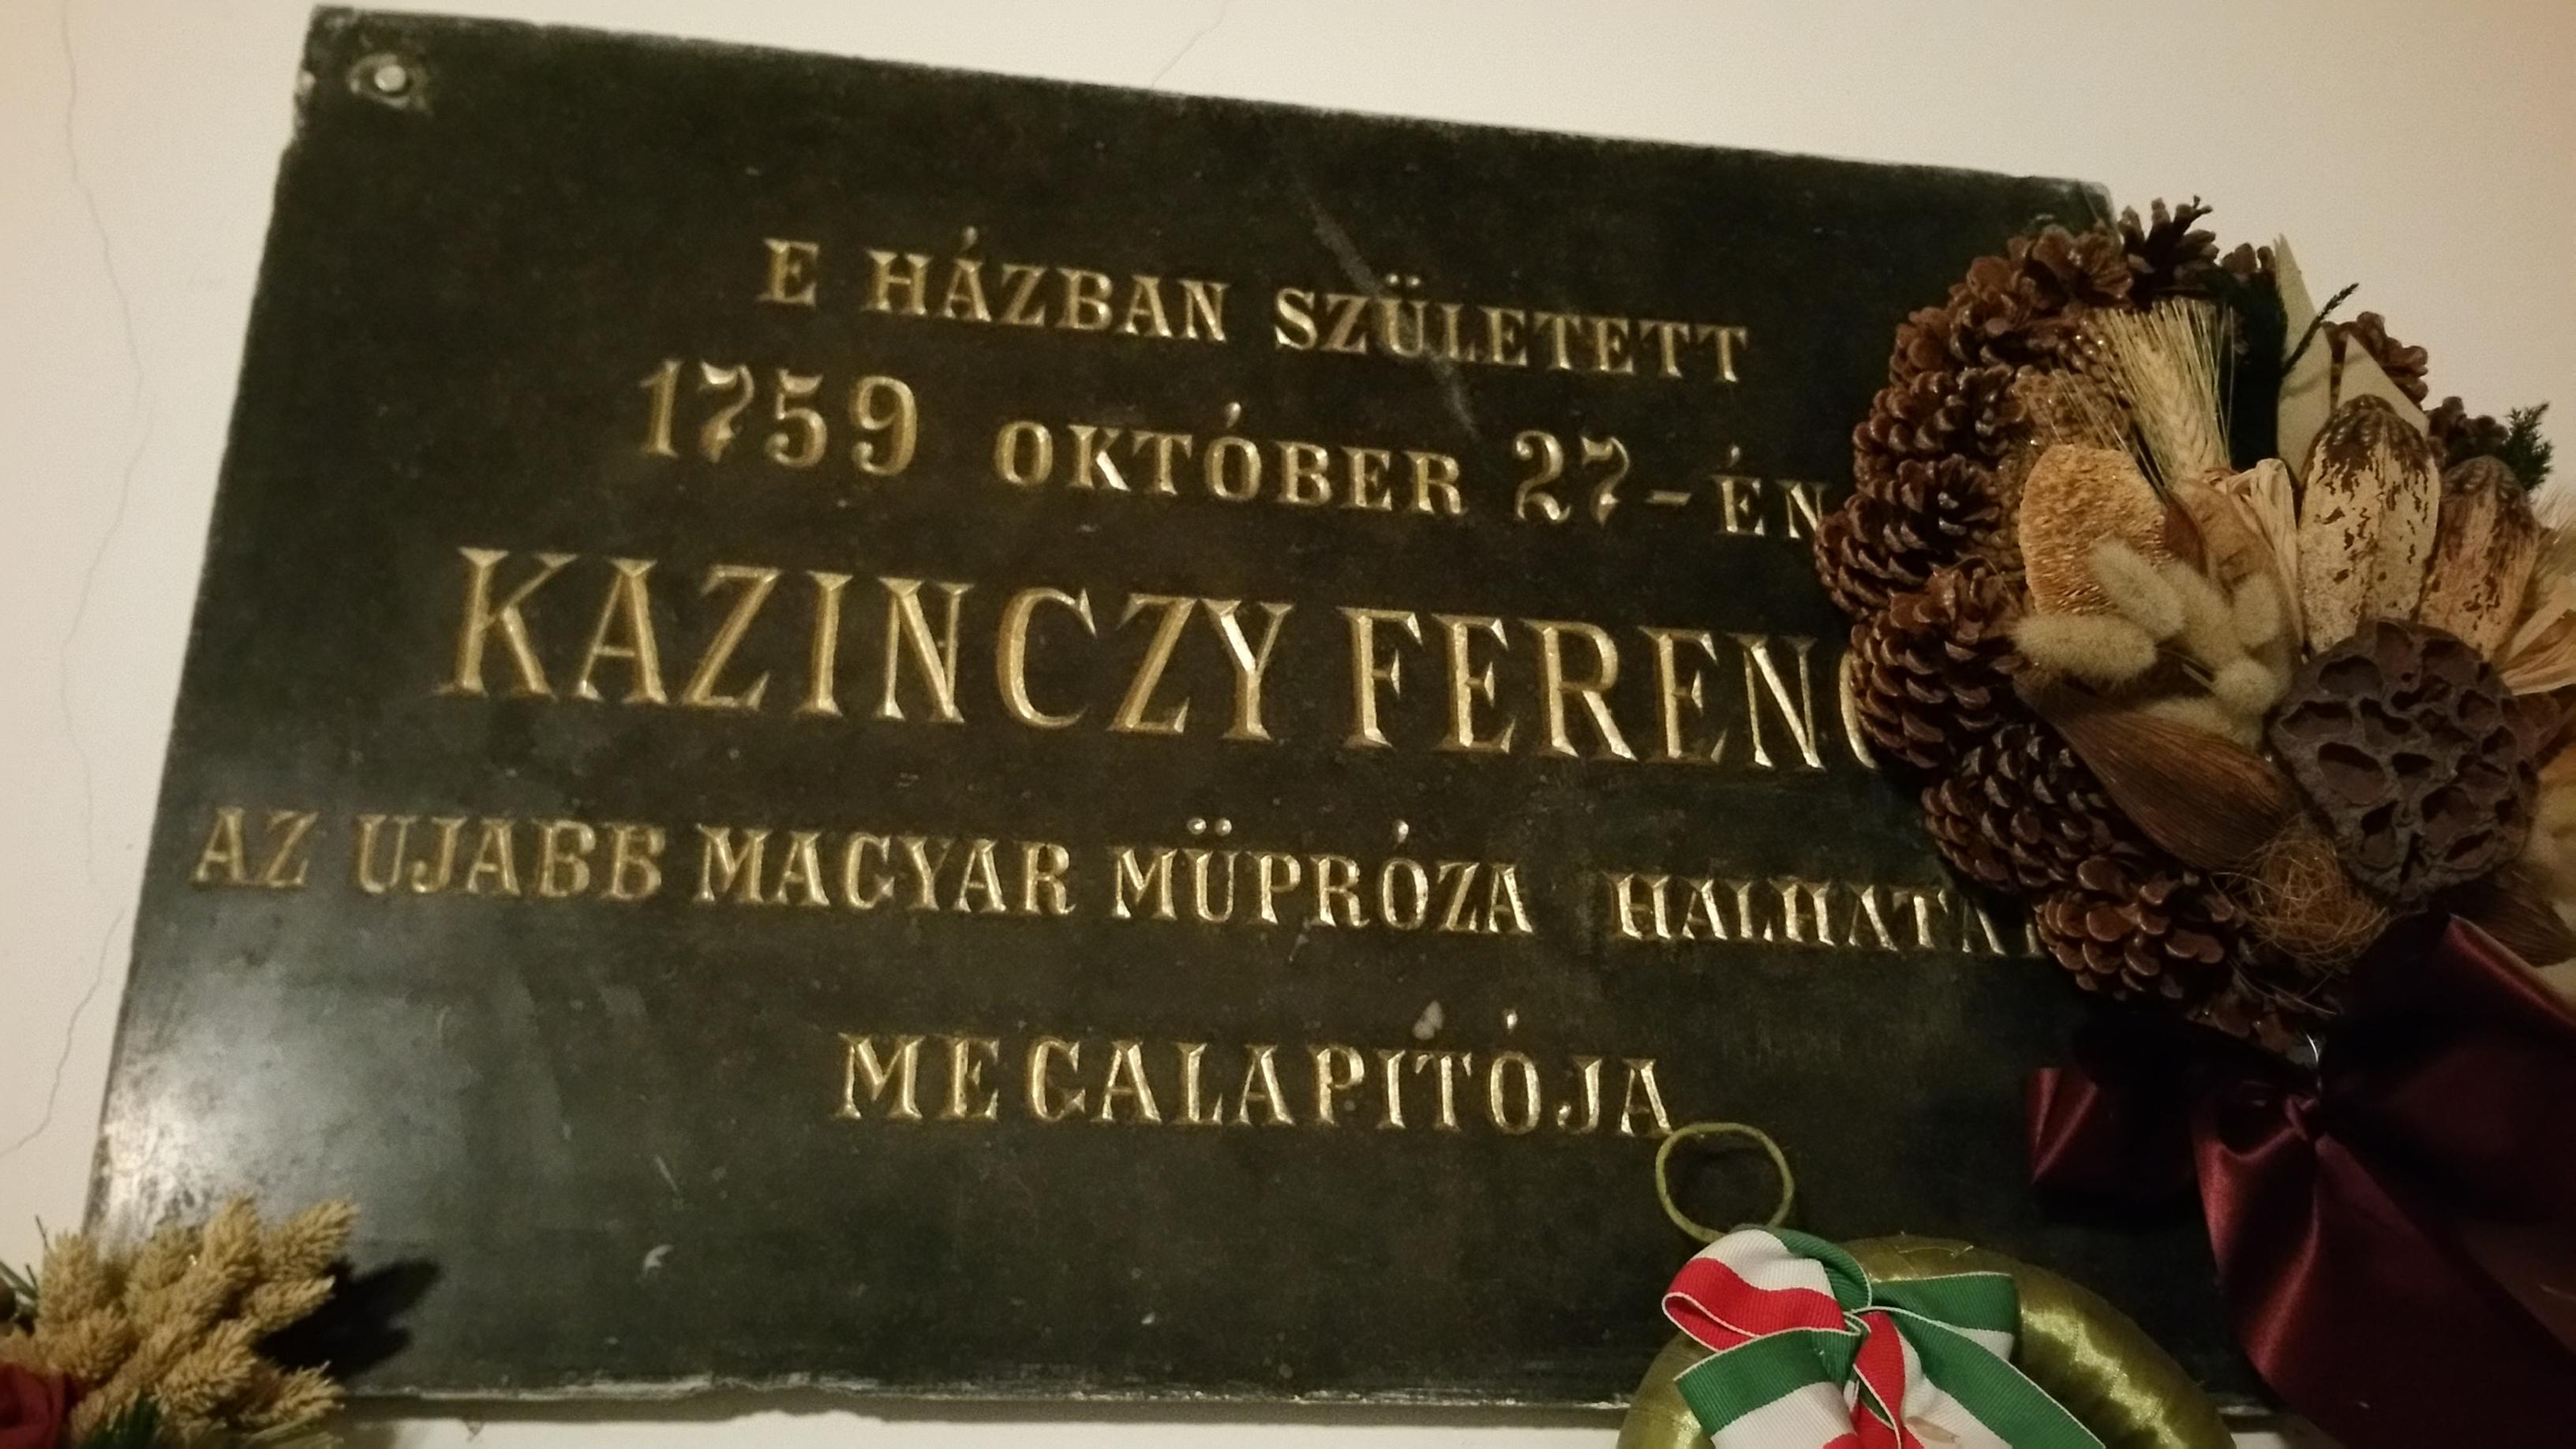 Kazinczy Ferenc emléktábla